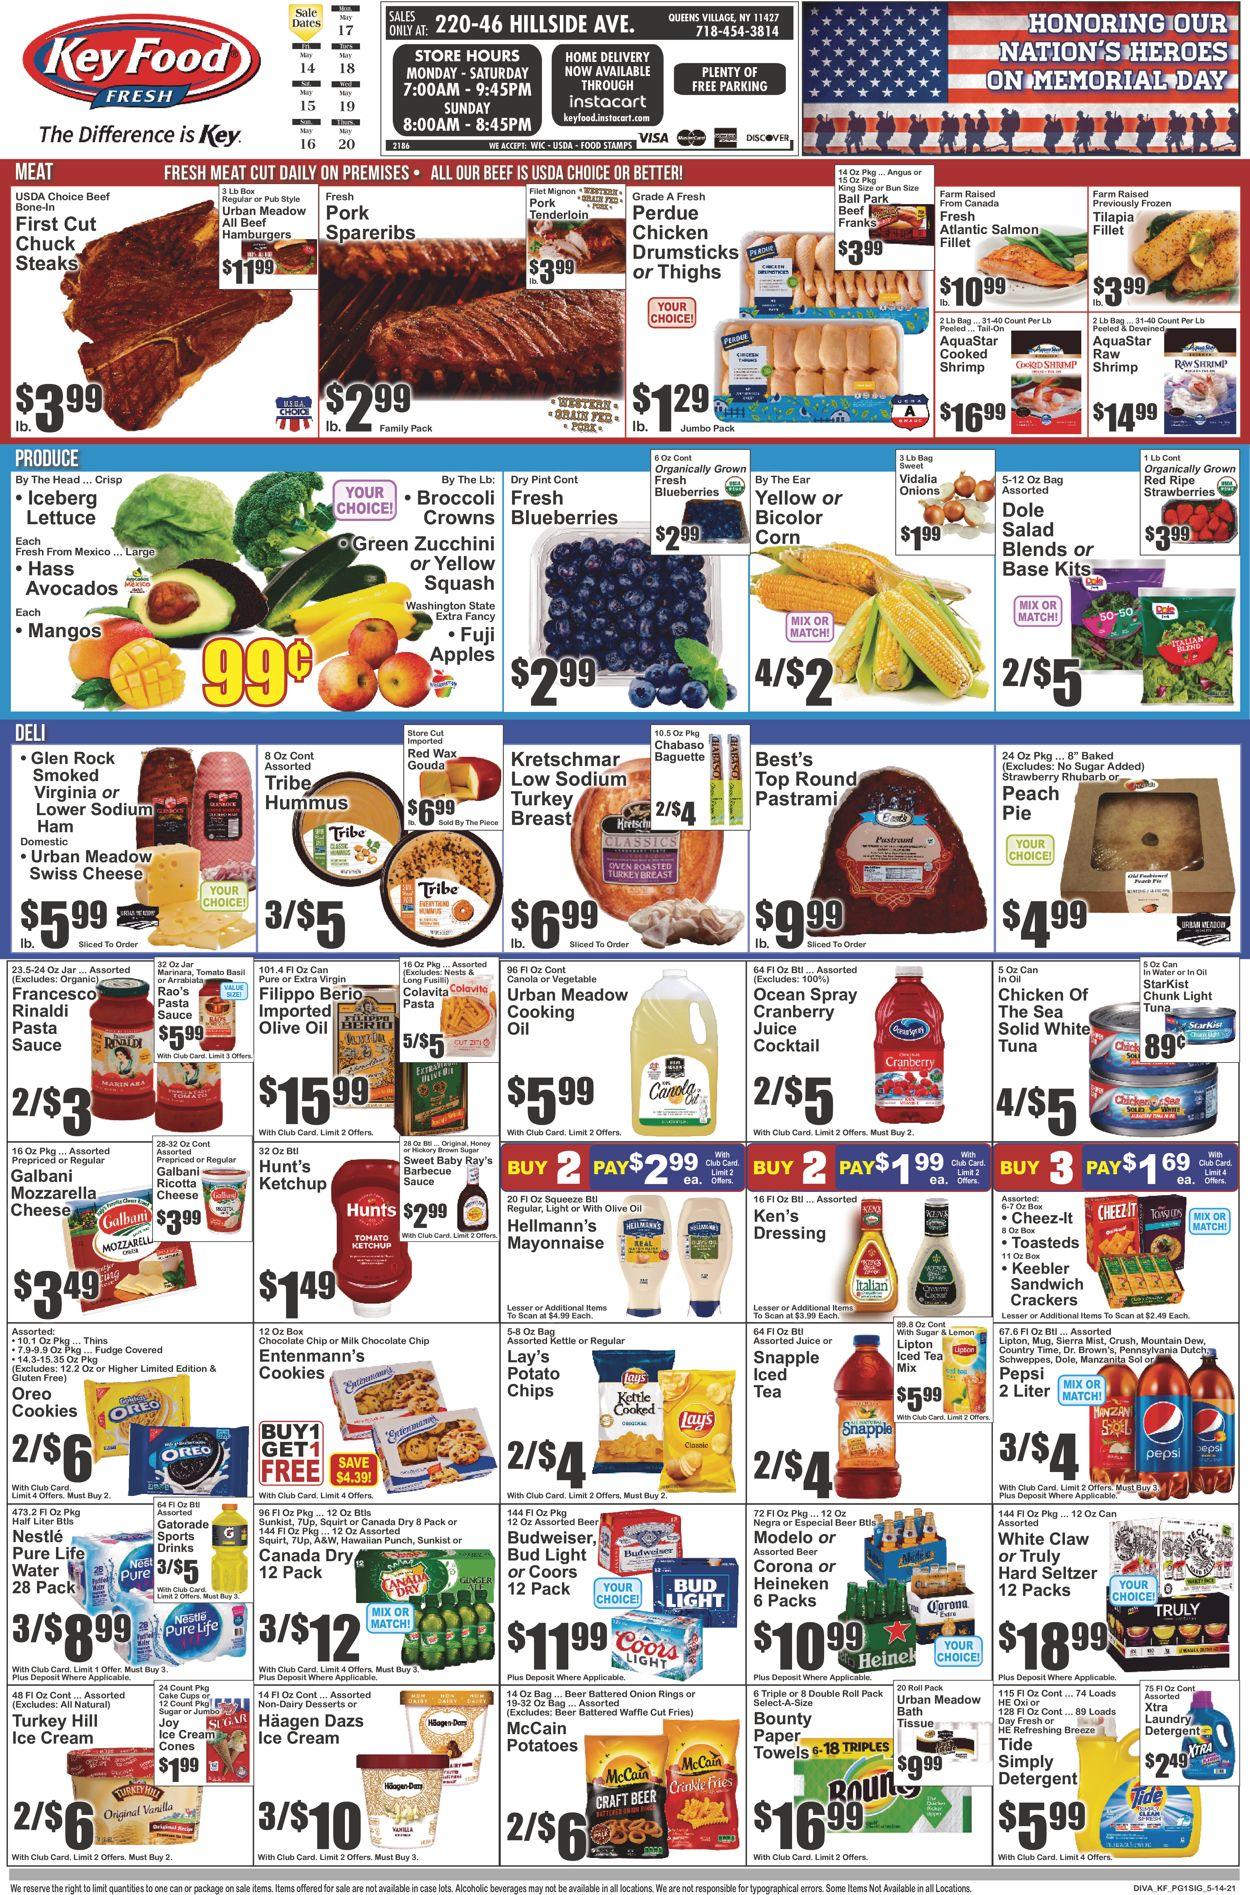 Key Food Weekly Ad Circular - valid 05/14-05/20/2021